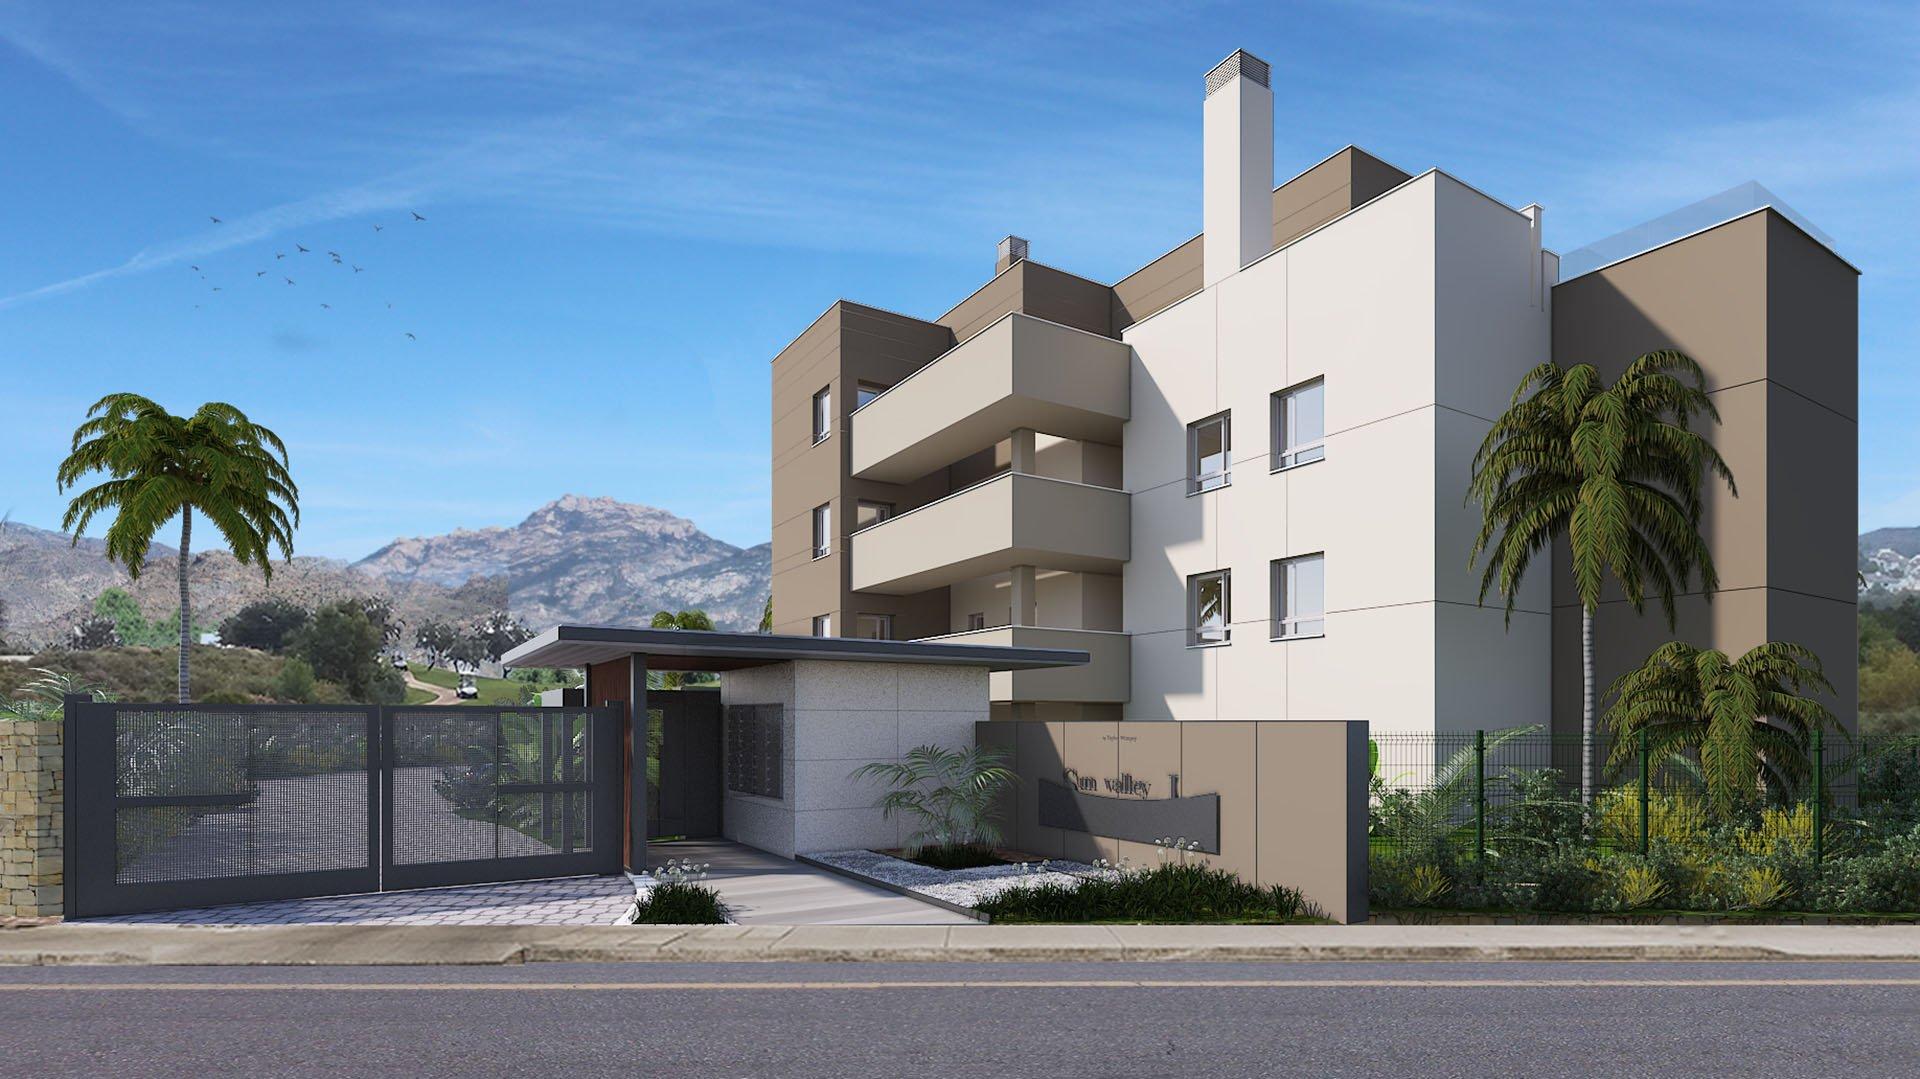 Sun Valley: Appartementen in La Cala Golf verweven in het idyllisch landschap